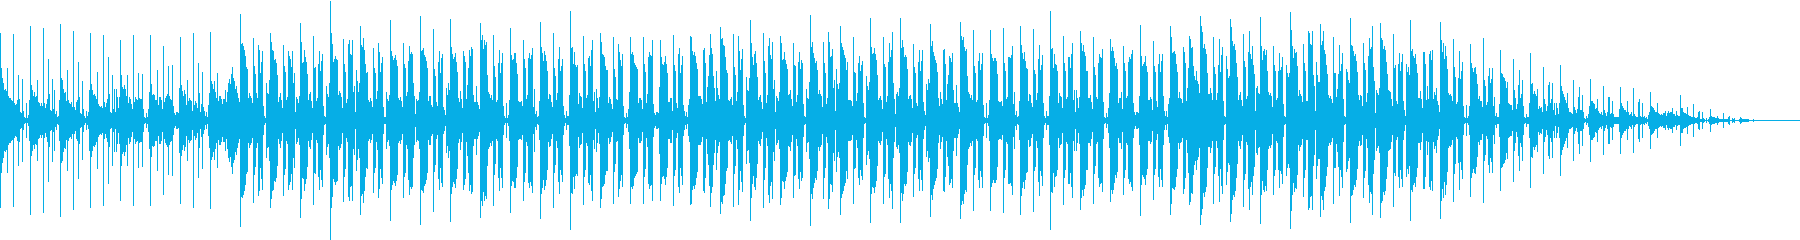 スロウジャズ:お酒のシーンに合う曲_1の再生済みの波形